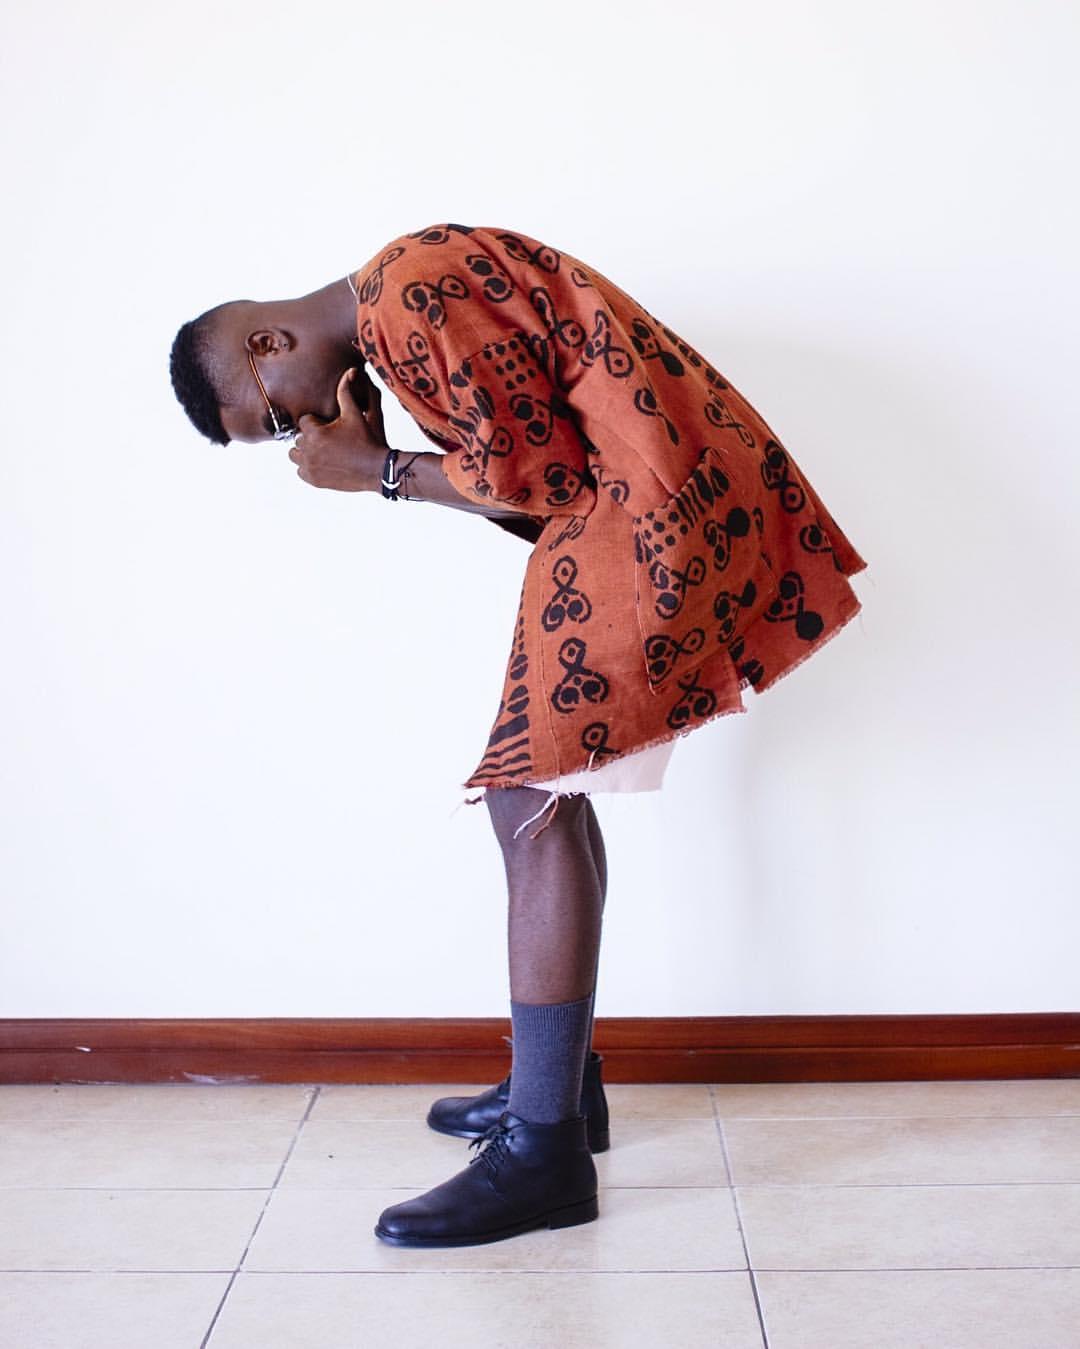 Stijlvol Ghana: de kunst om van niets iets te maken